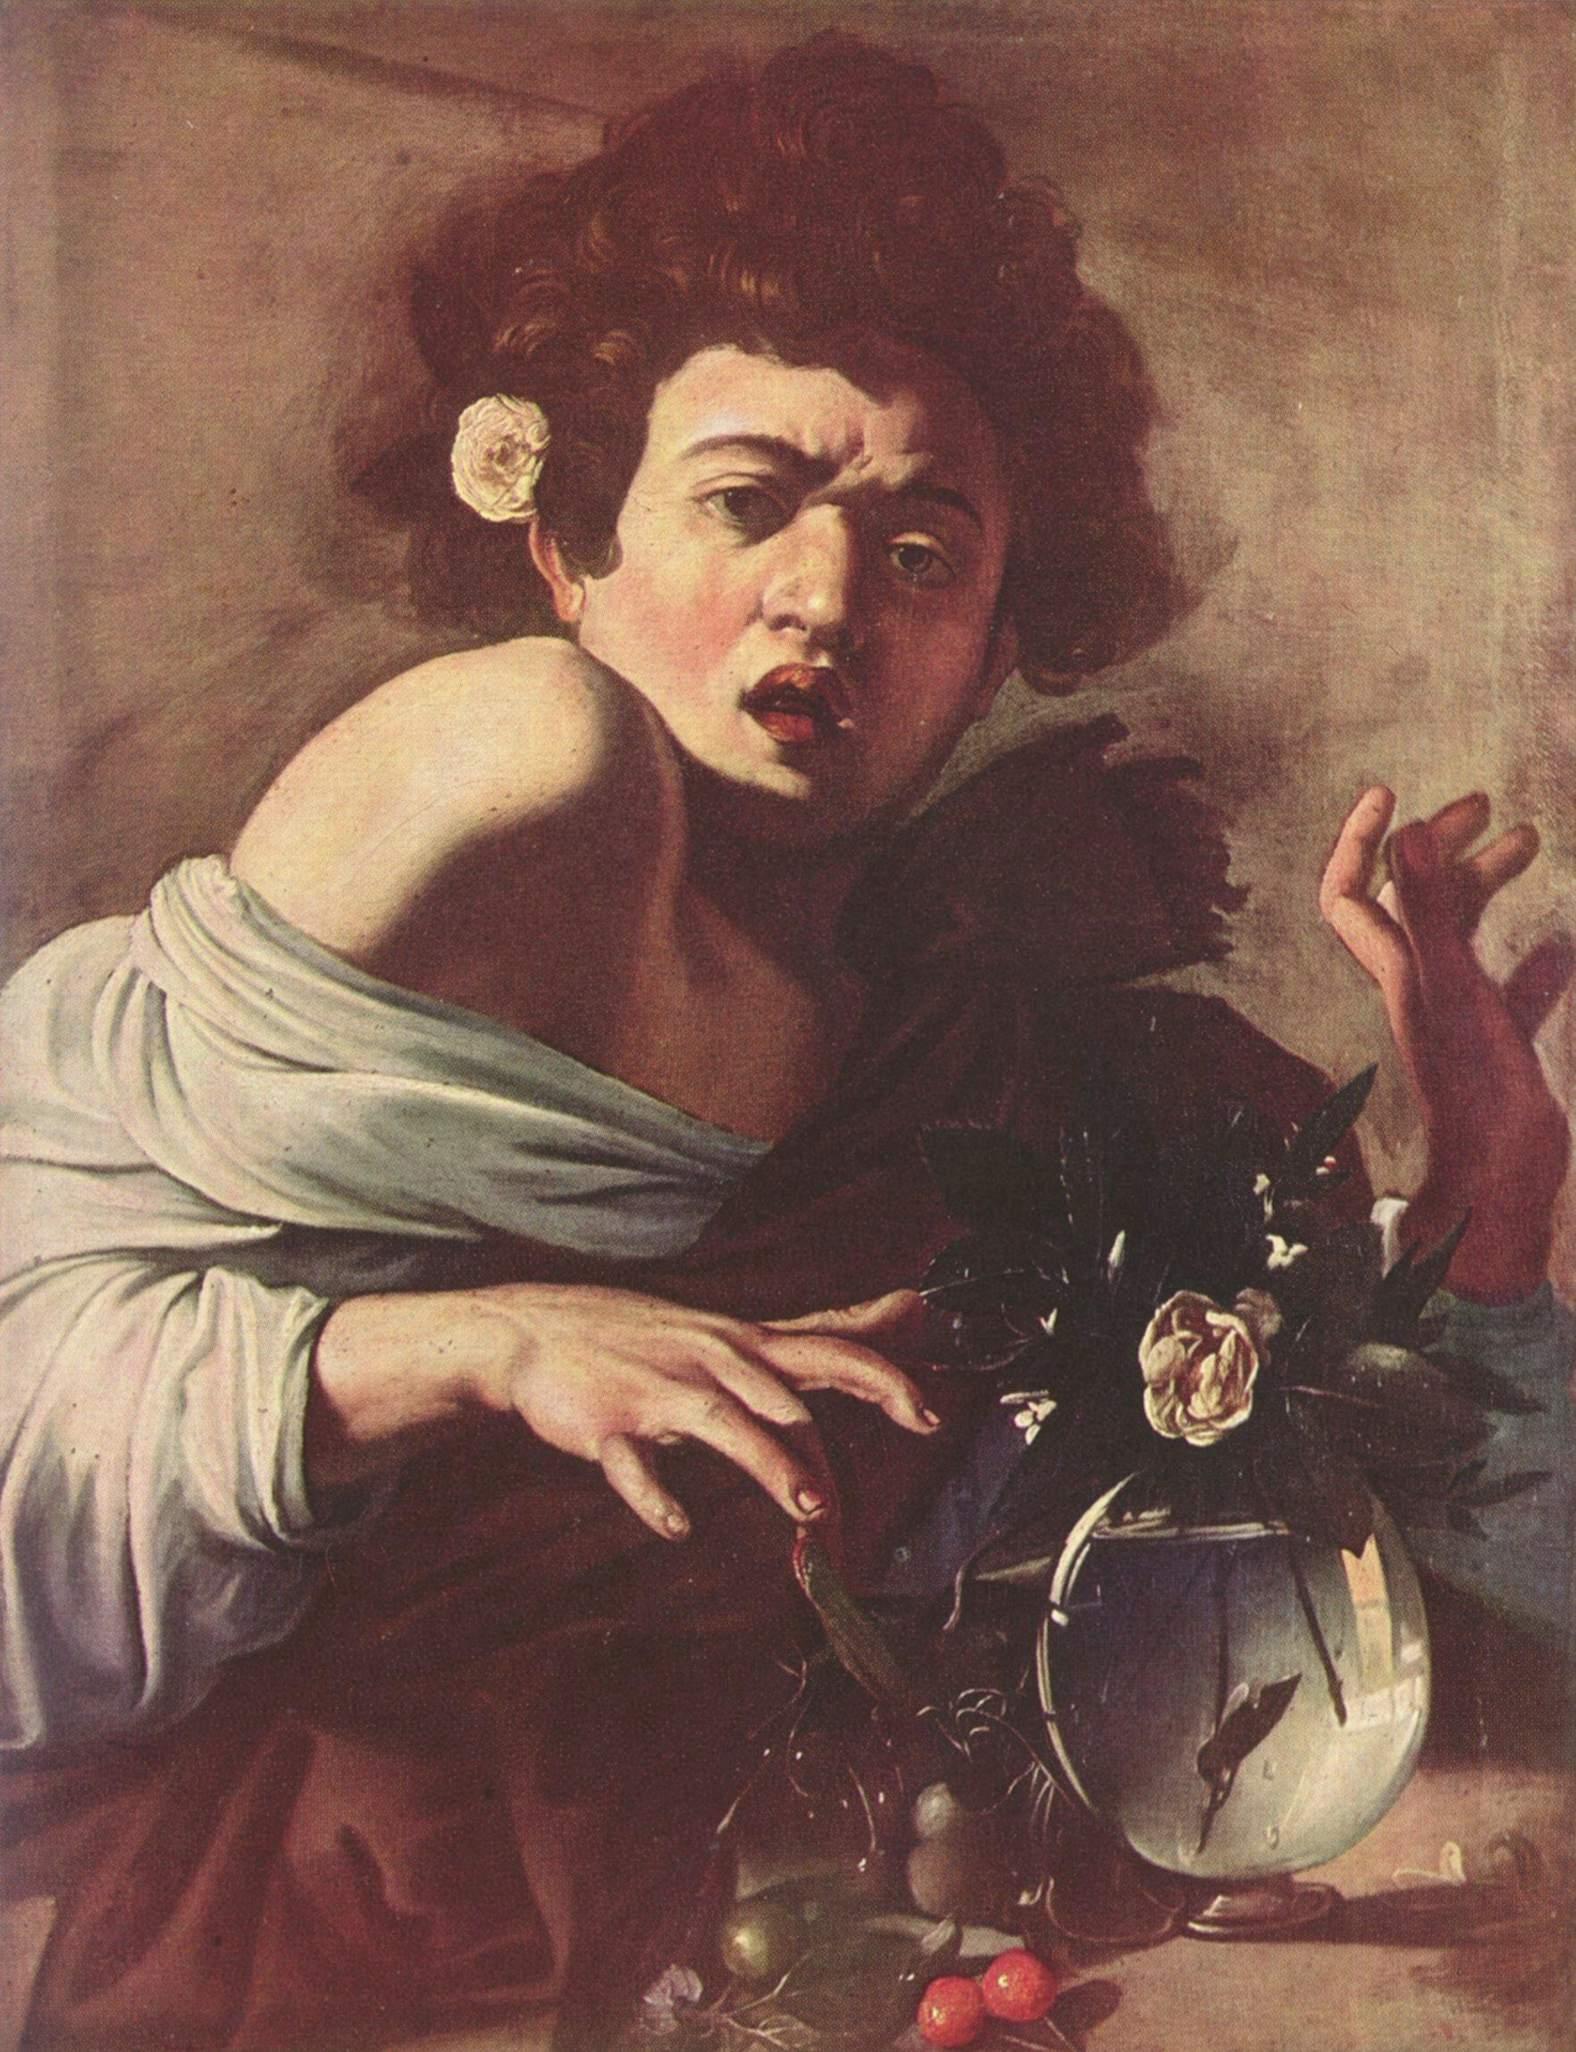 Юноша, укушенный ящерицей, Микеланджело Меризи де Караваджо